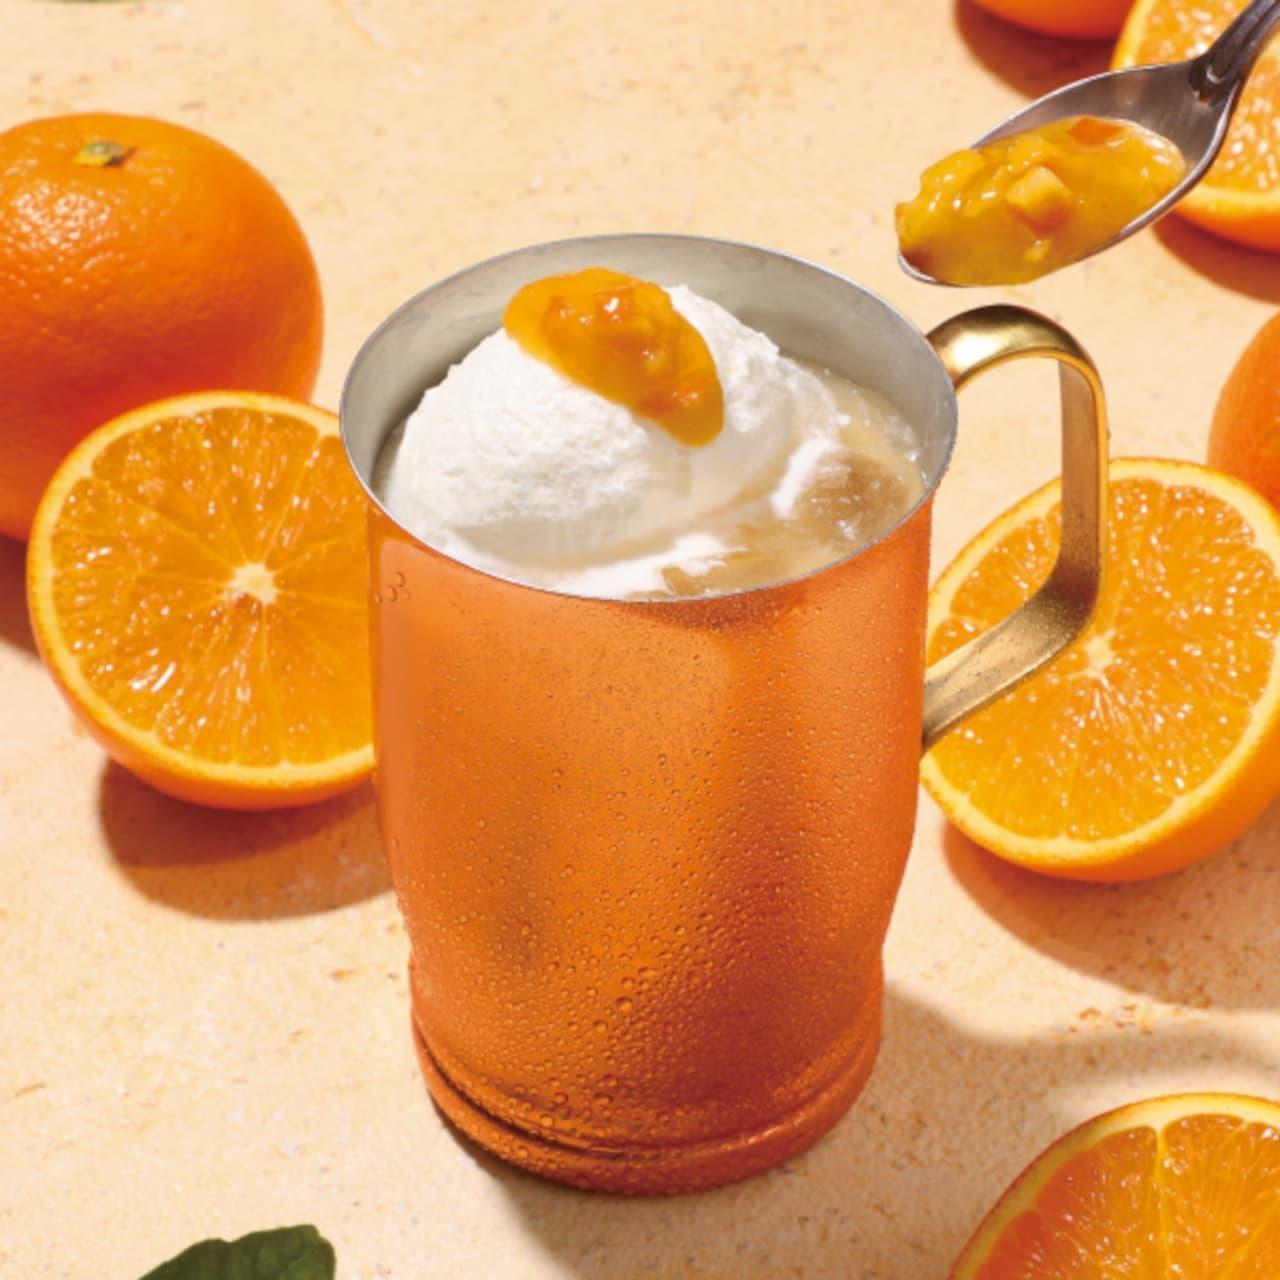 上島珈琲店「オレンジミルク珈琲」「フレッシュミントのバナナスムージー」季節限定